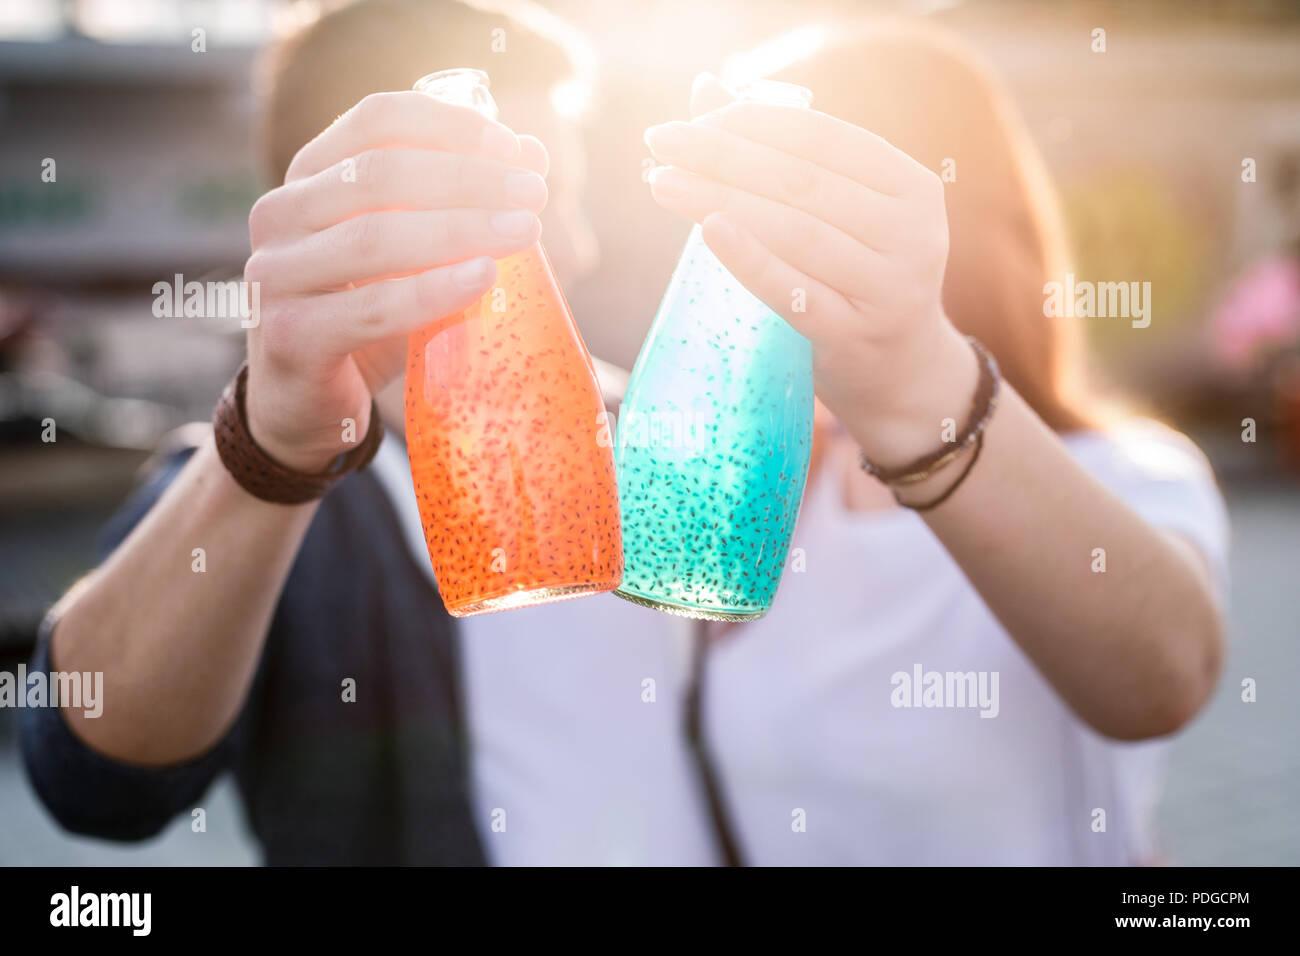 Messa a fuoco selettiva di bottiglie con bevande dolci ricordi. Immagini Stock